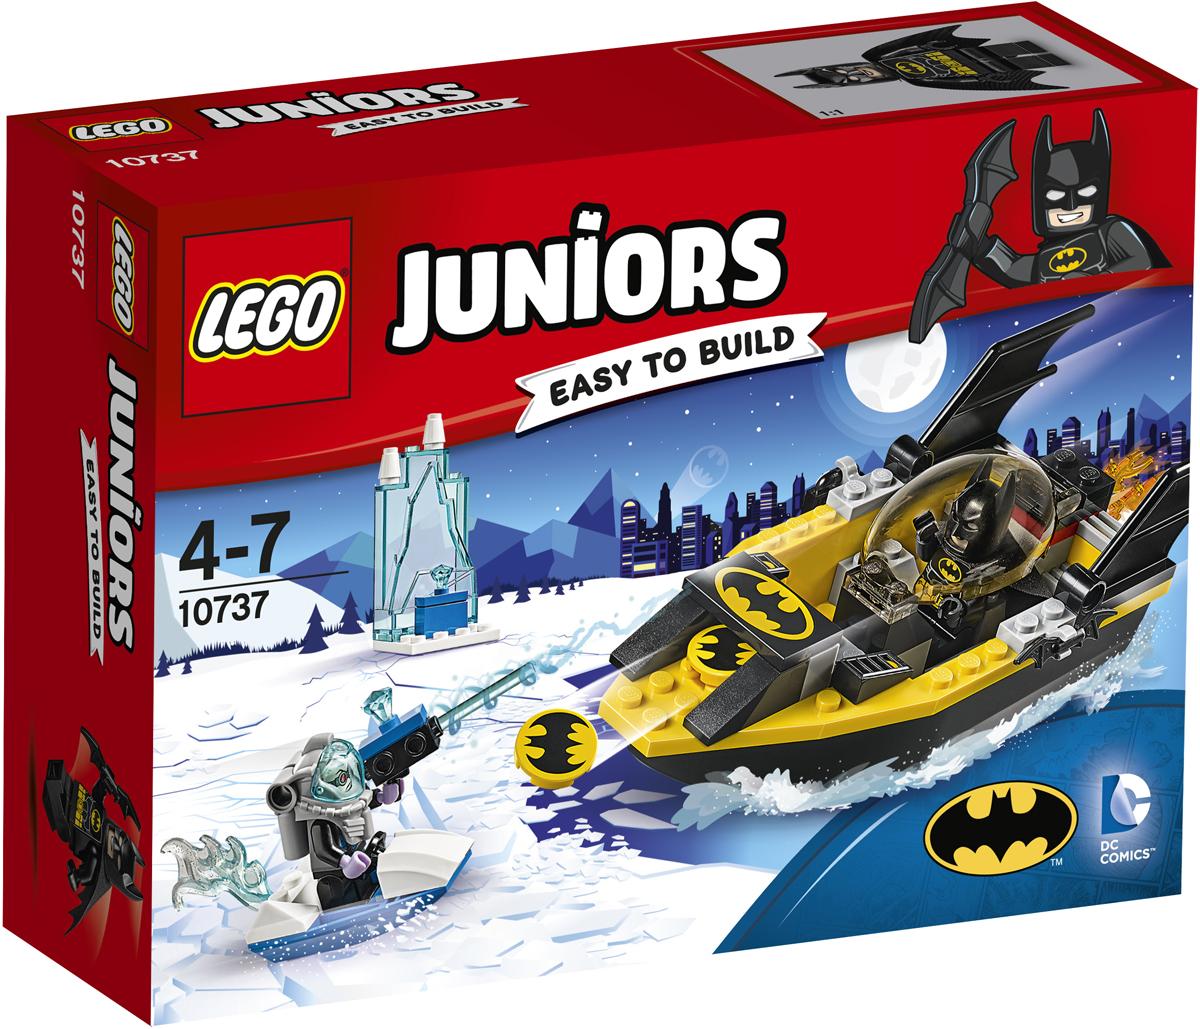 LEGO Juniors Конструктор Бэтмен против Мистера Фриза 1073710737Сядь в мощный Бэткатер и помоги Бэтмену защитить Готэм-сити от Мистера Фриза! Подготовь бэт-диски и целься в скоростной ледяной автомобиль. Но берегись! Если мистер Фриз выстрелит из своего замораживающего ружья, а Бэтмен попадётся в его ледяную ловушку, Готэм-сити будет заморожен!